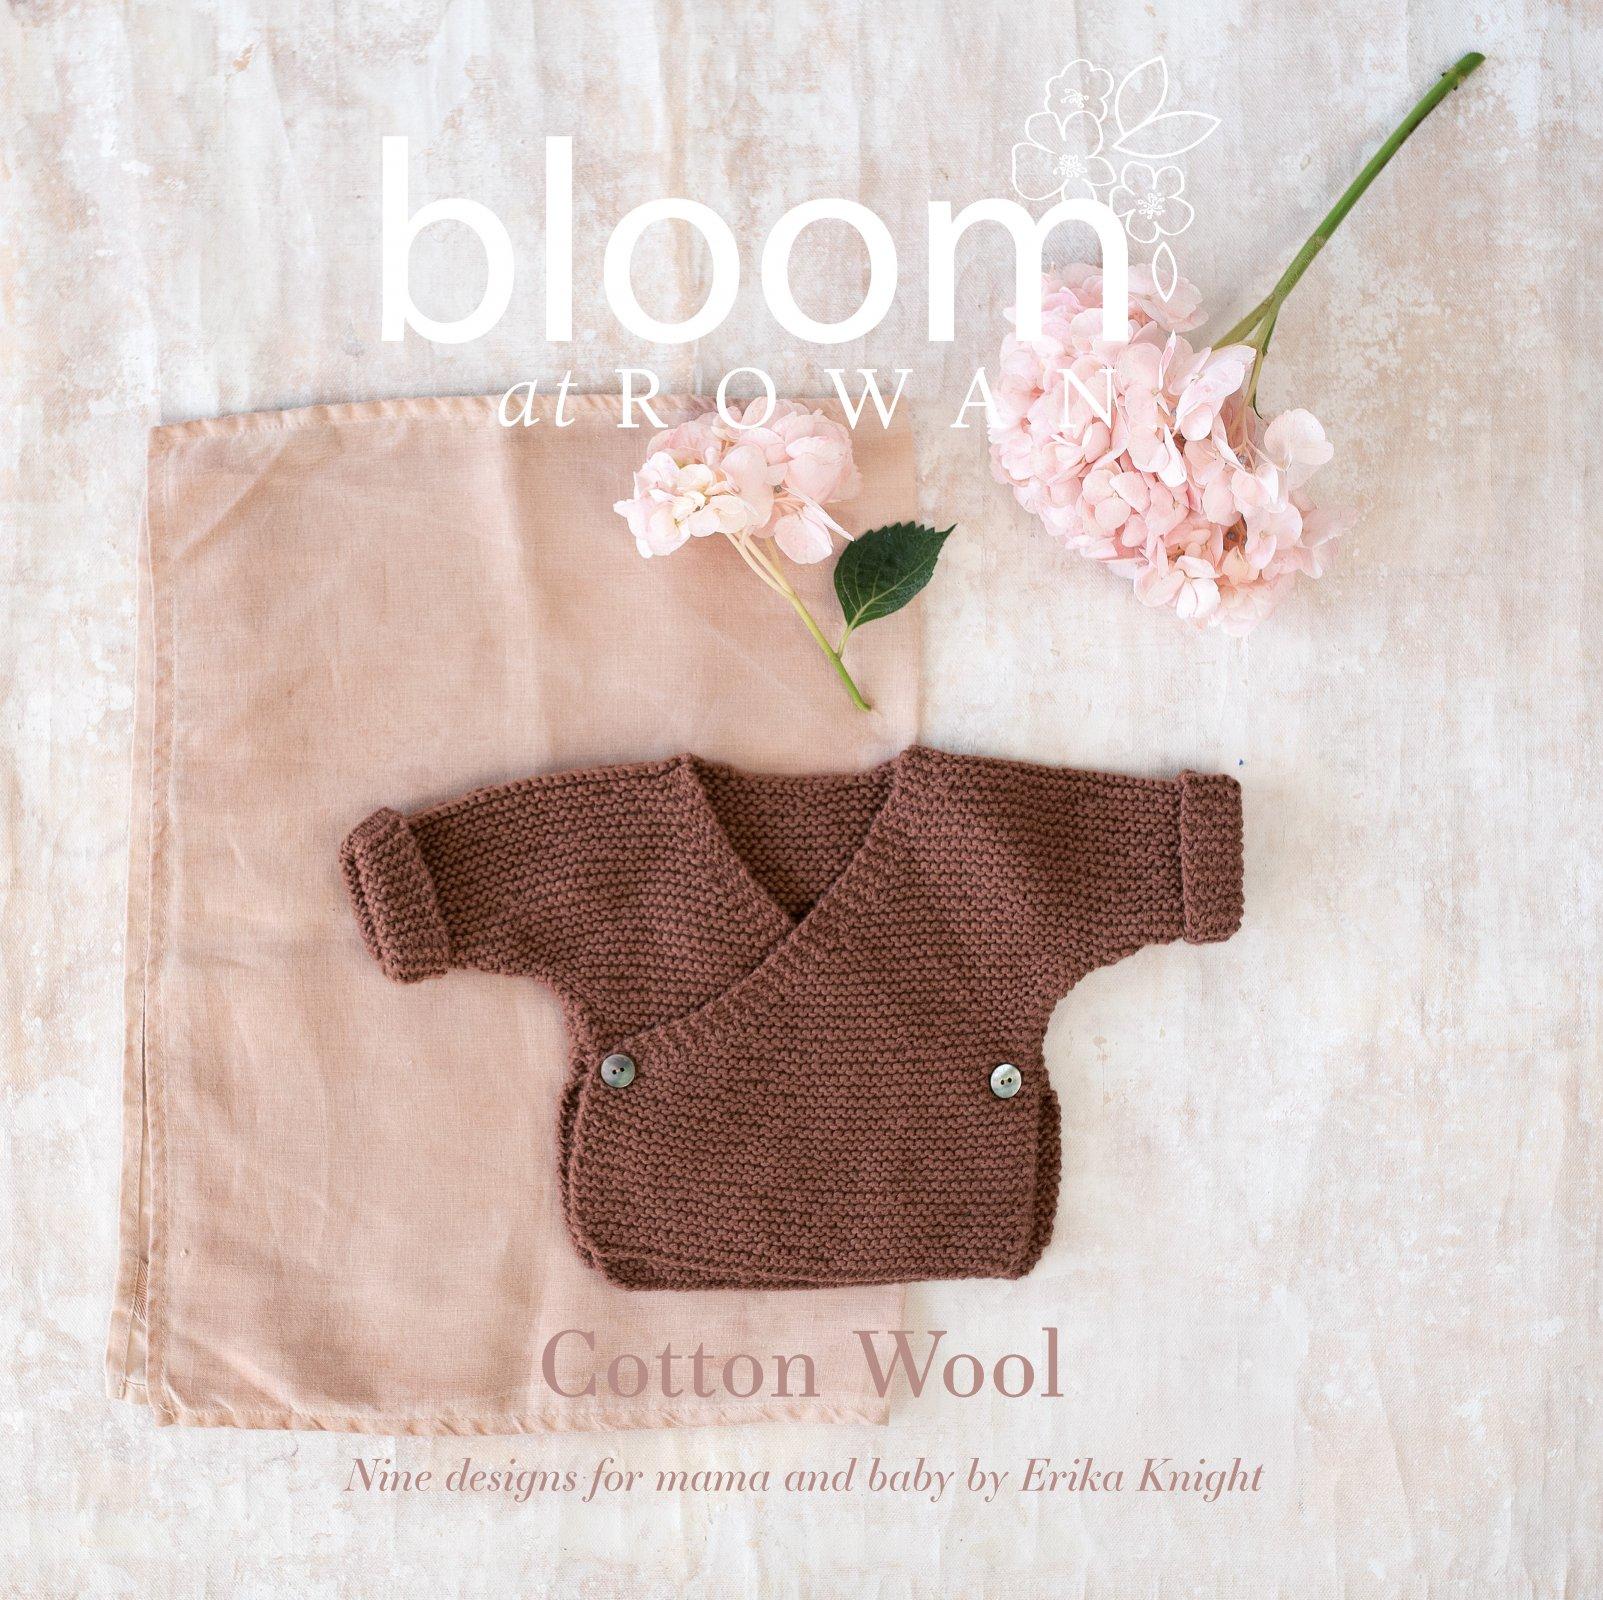 Bloom at Rowan by Erika Knight